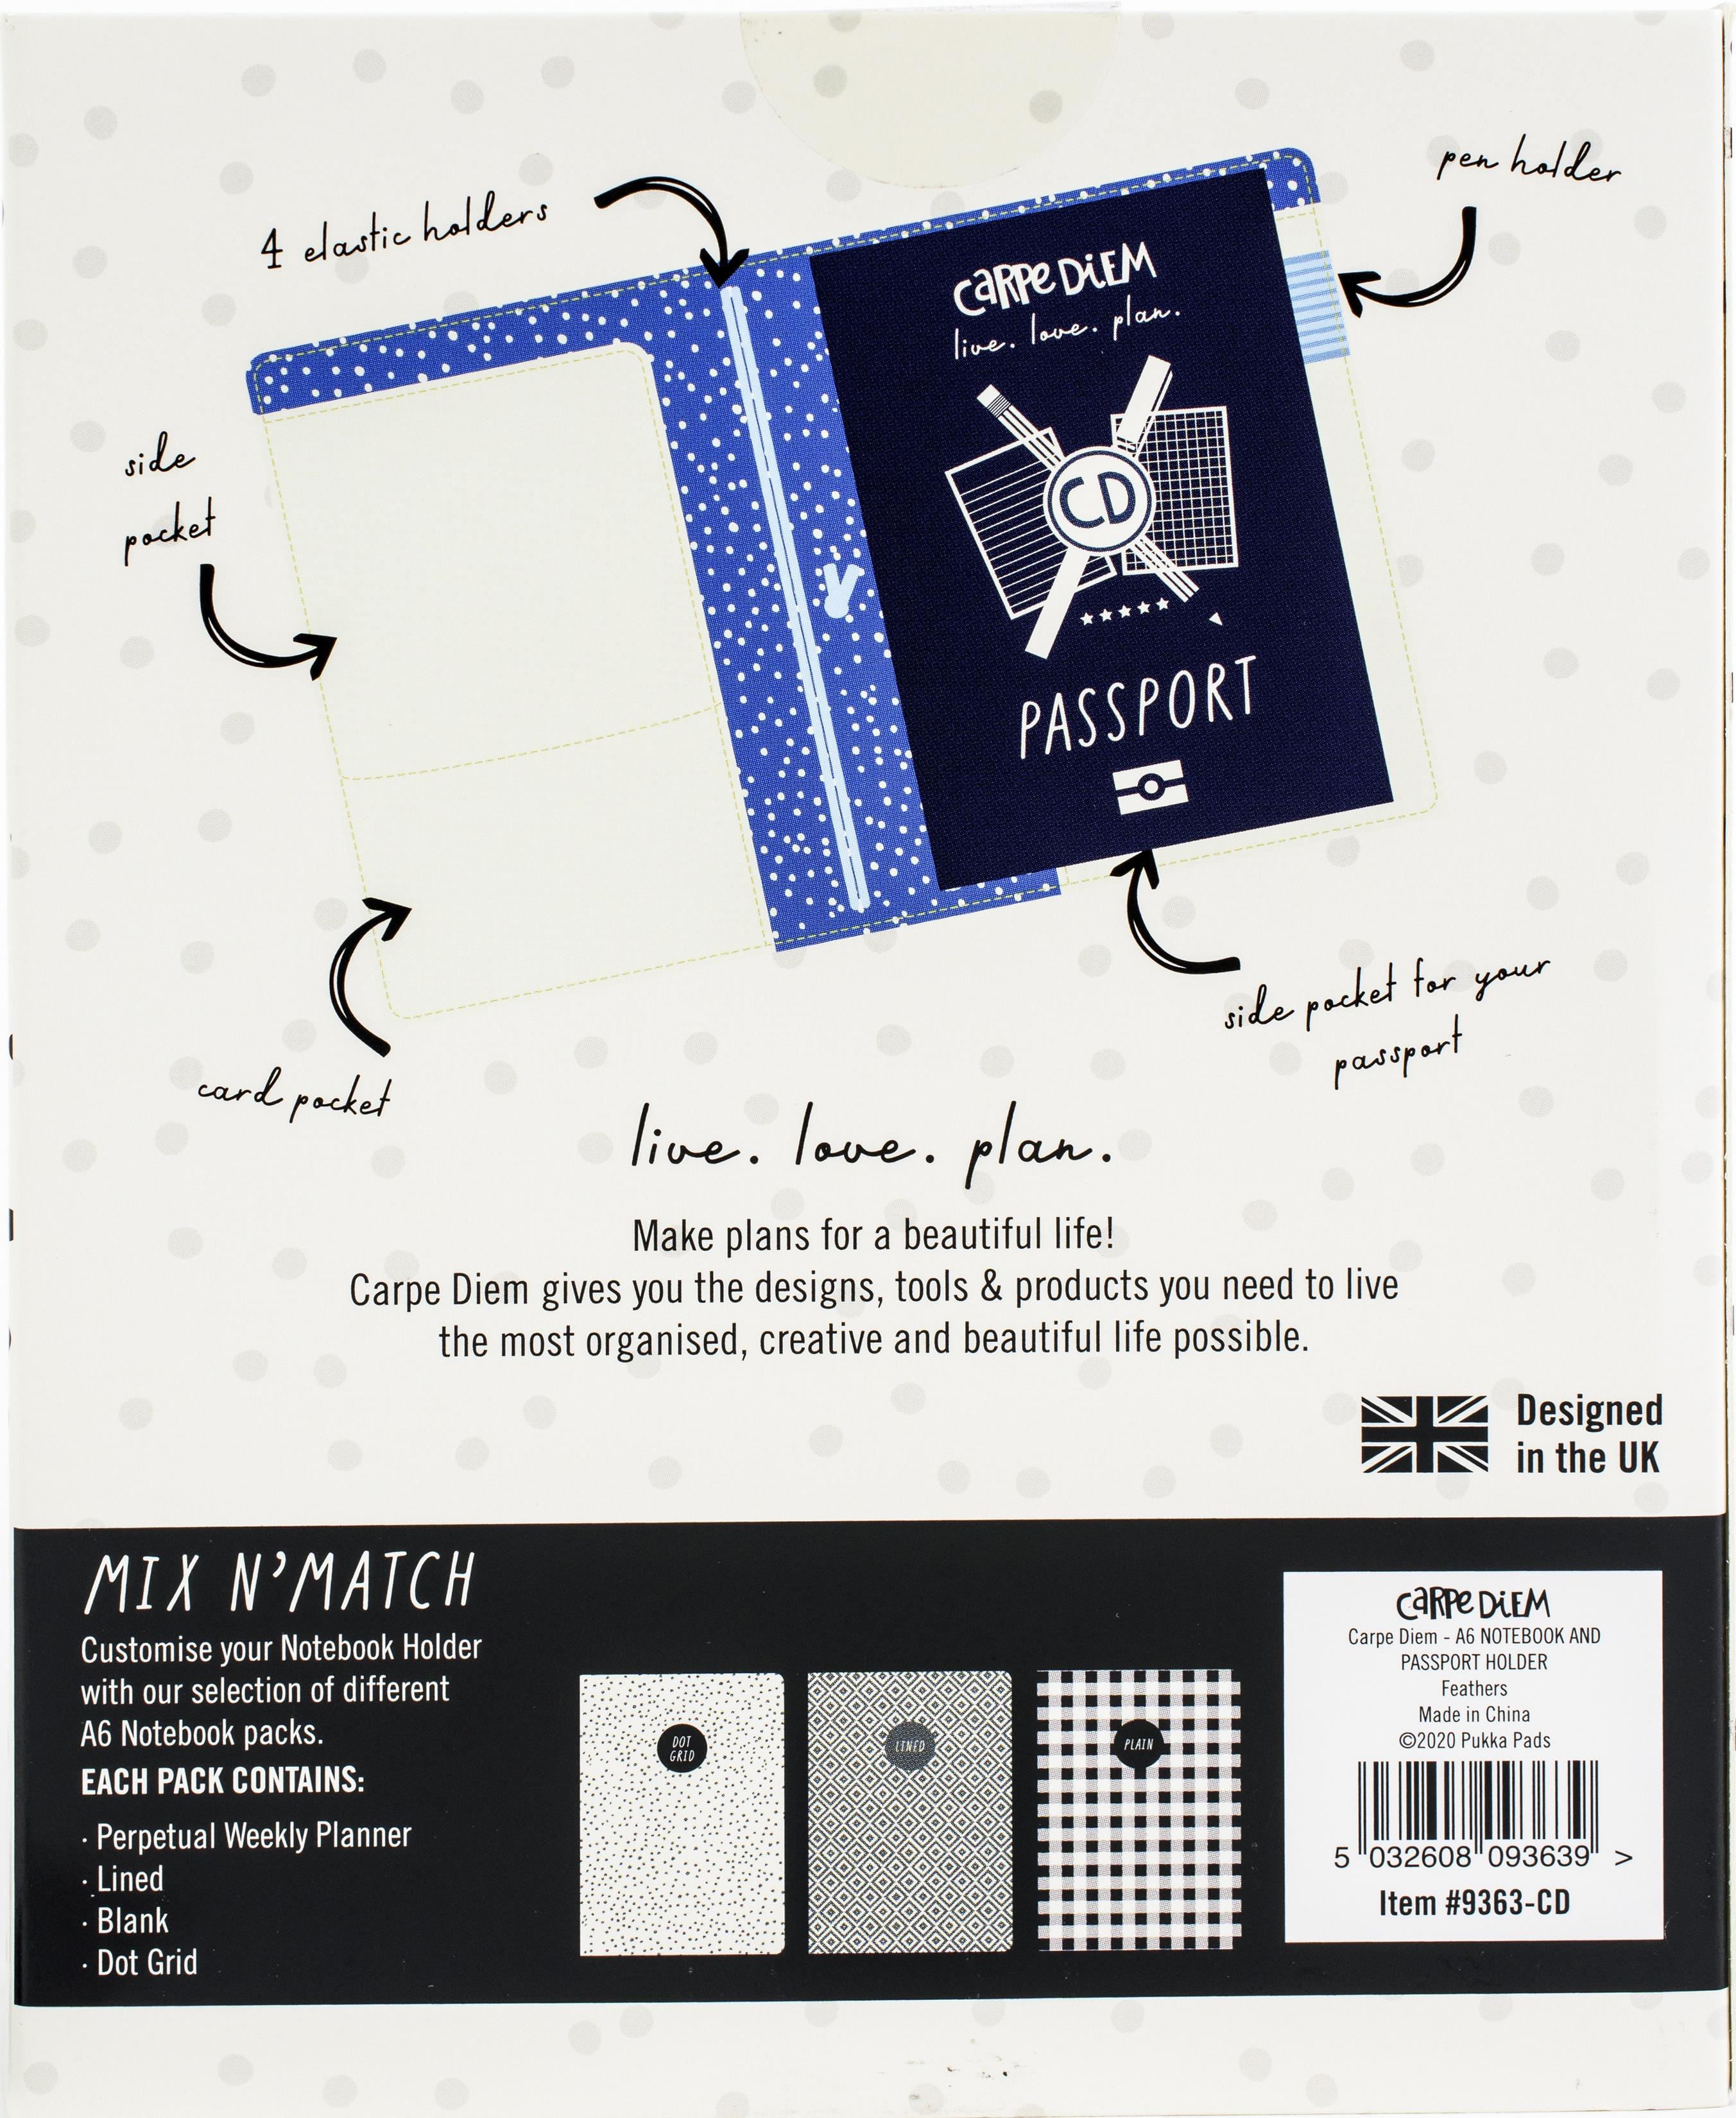 Carpe Diem Notebook & Passport Holder A6-Feathers